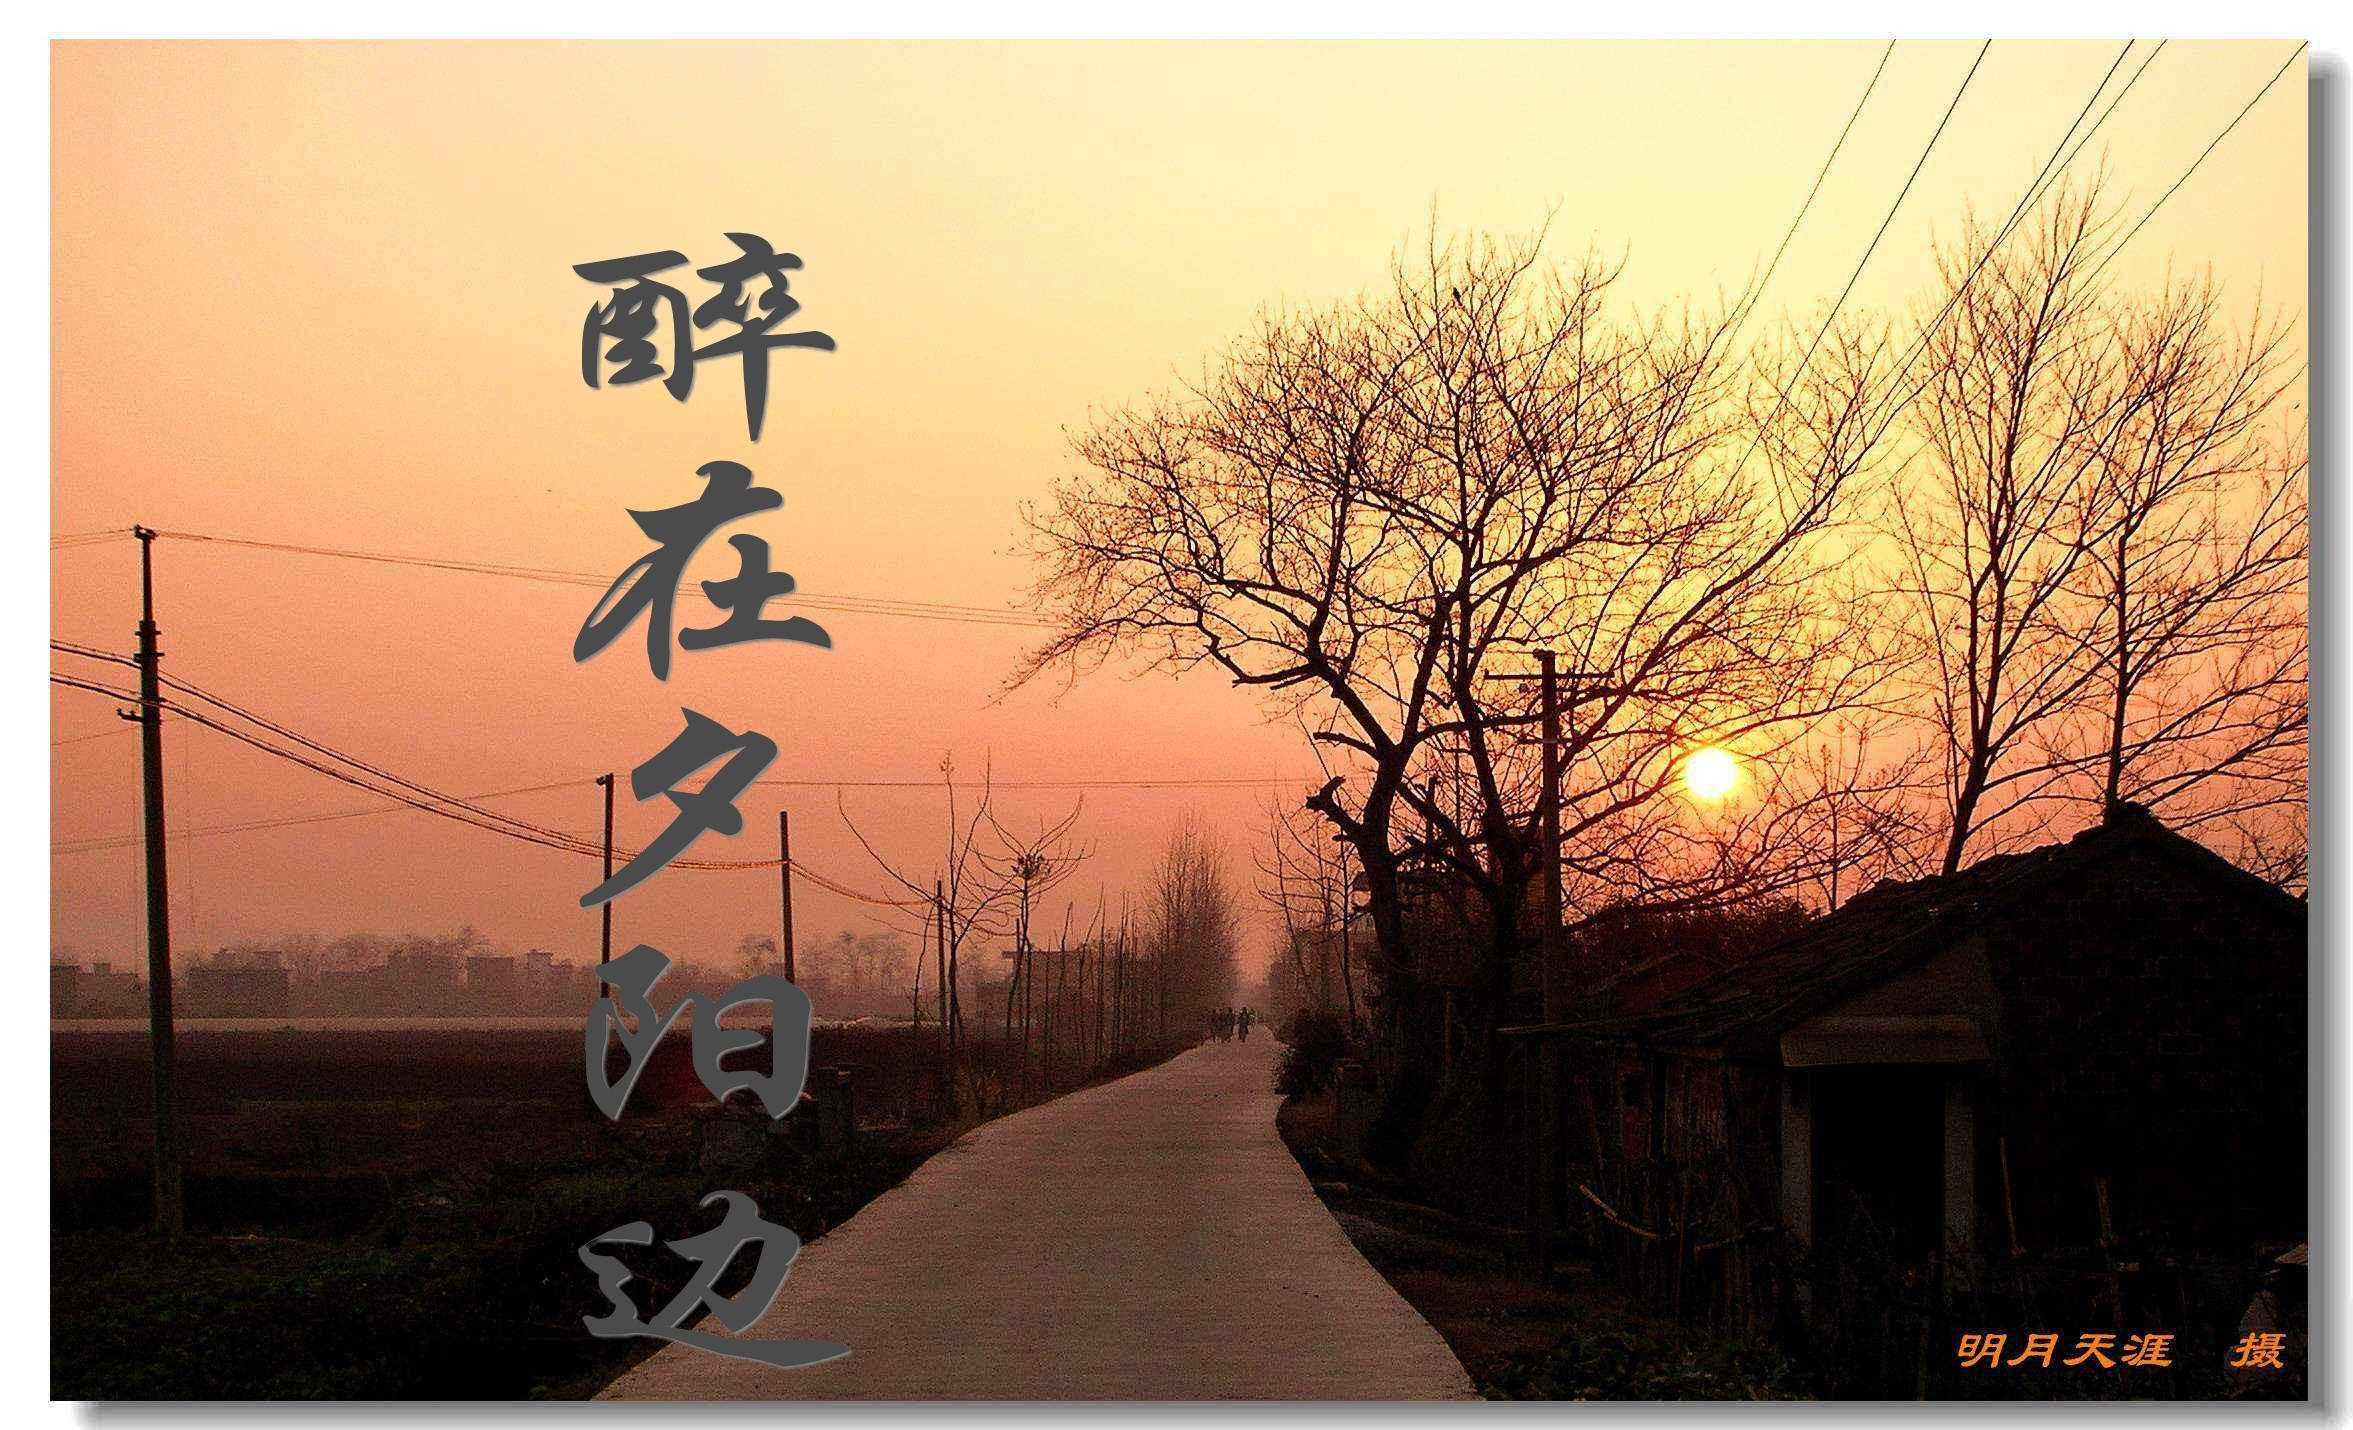 【原創】七律·苦旅斜陽3 - 苦旅斜陽 - 苦旅斜陽